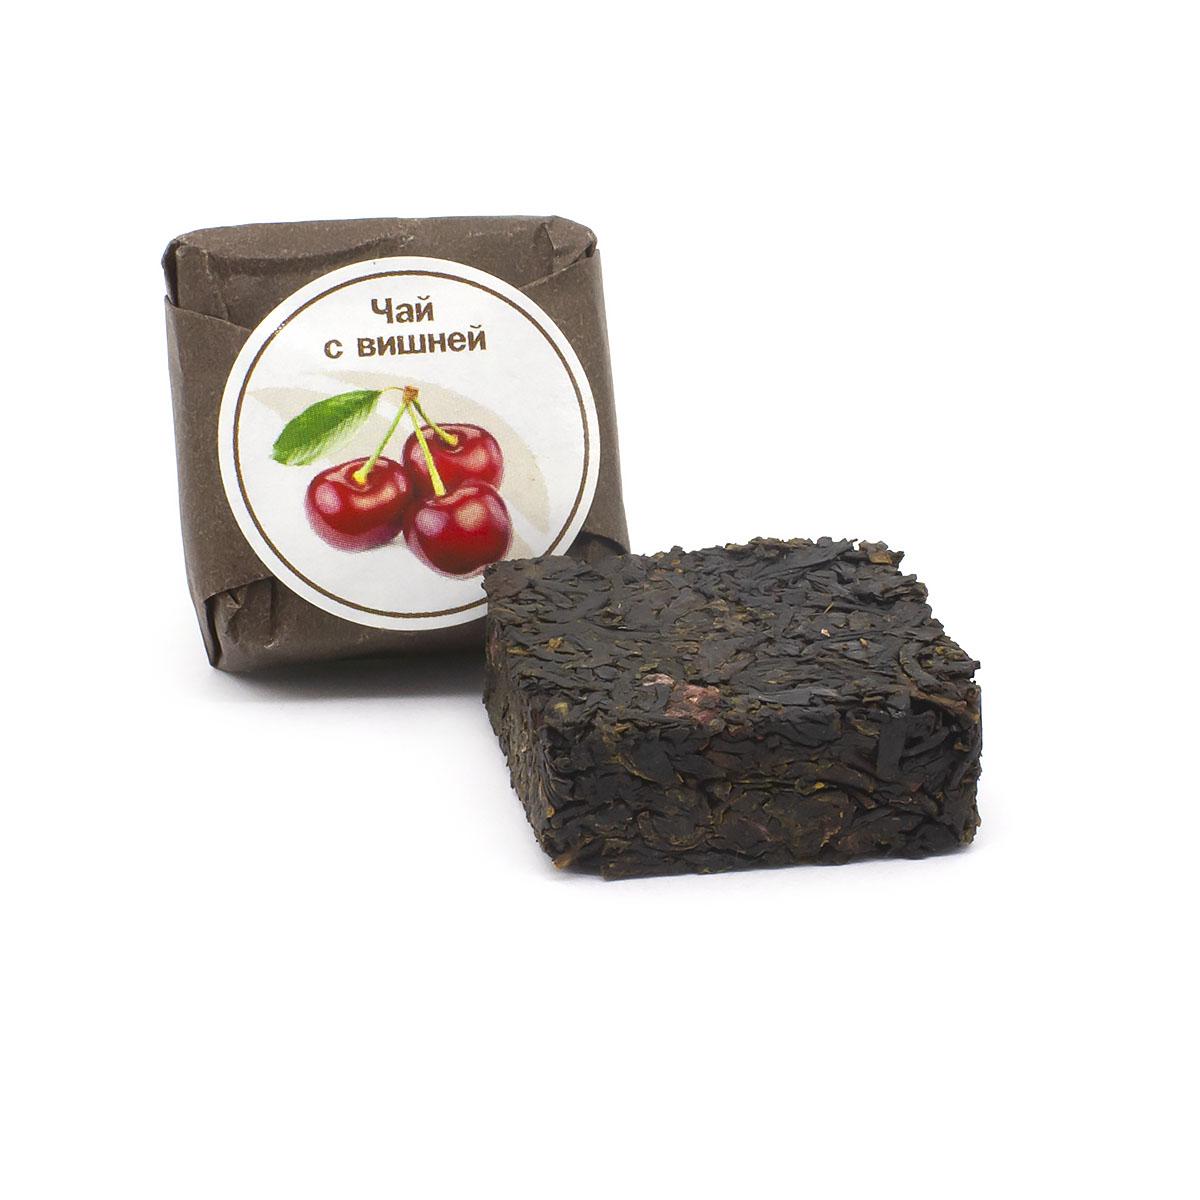 Чай с вишней прессованный, кубик 5-7 г чай черный байховый бонтон крепкий цейлонский крупнолистовой 726 с ароматом бергамота 100 г